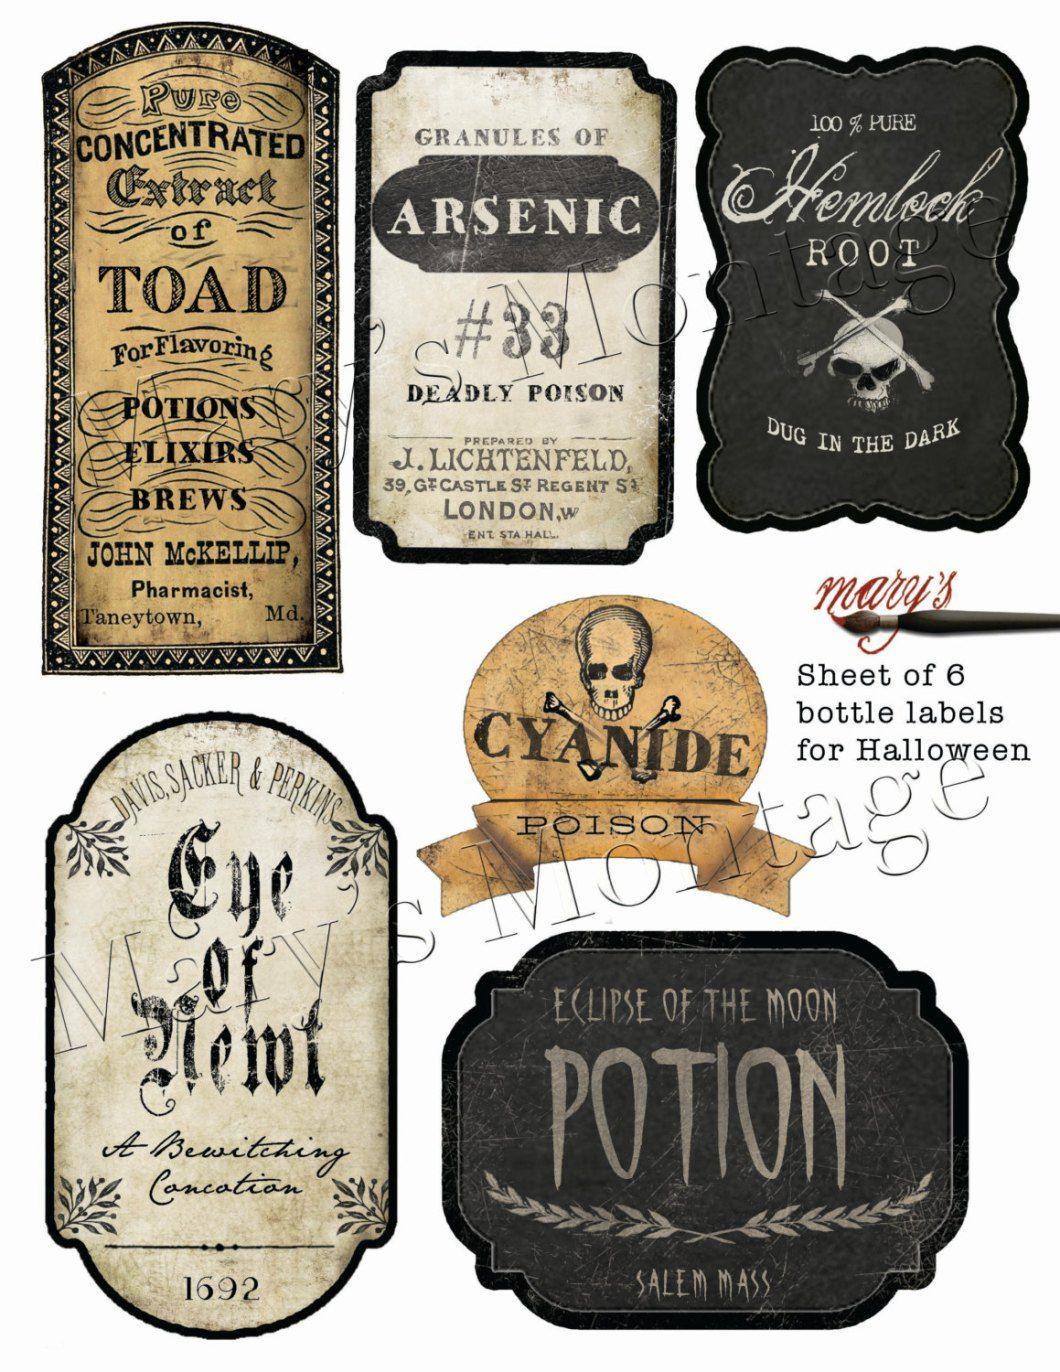 Free Halloween Bottle Labels Hallowen Org | Halloween | Pinterest - Free Printable Halloween Bottle Labels